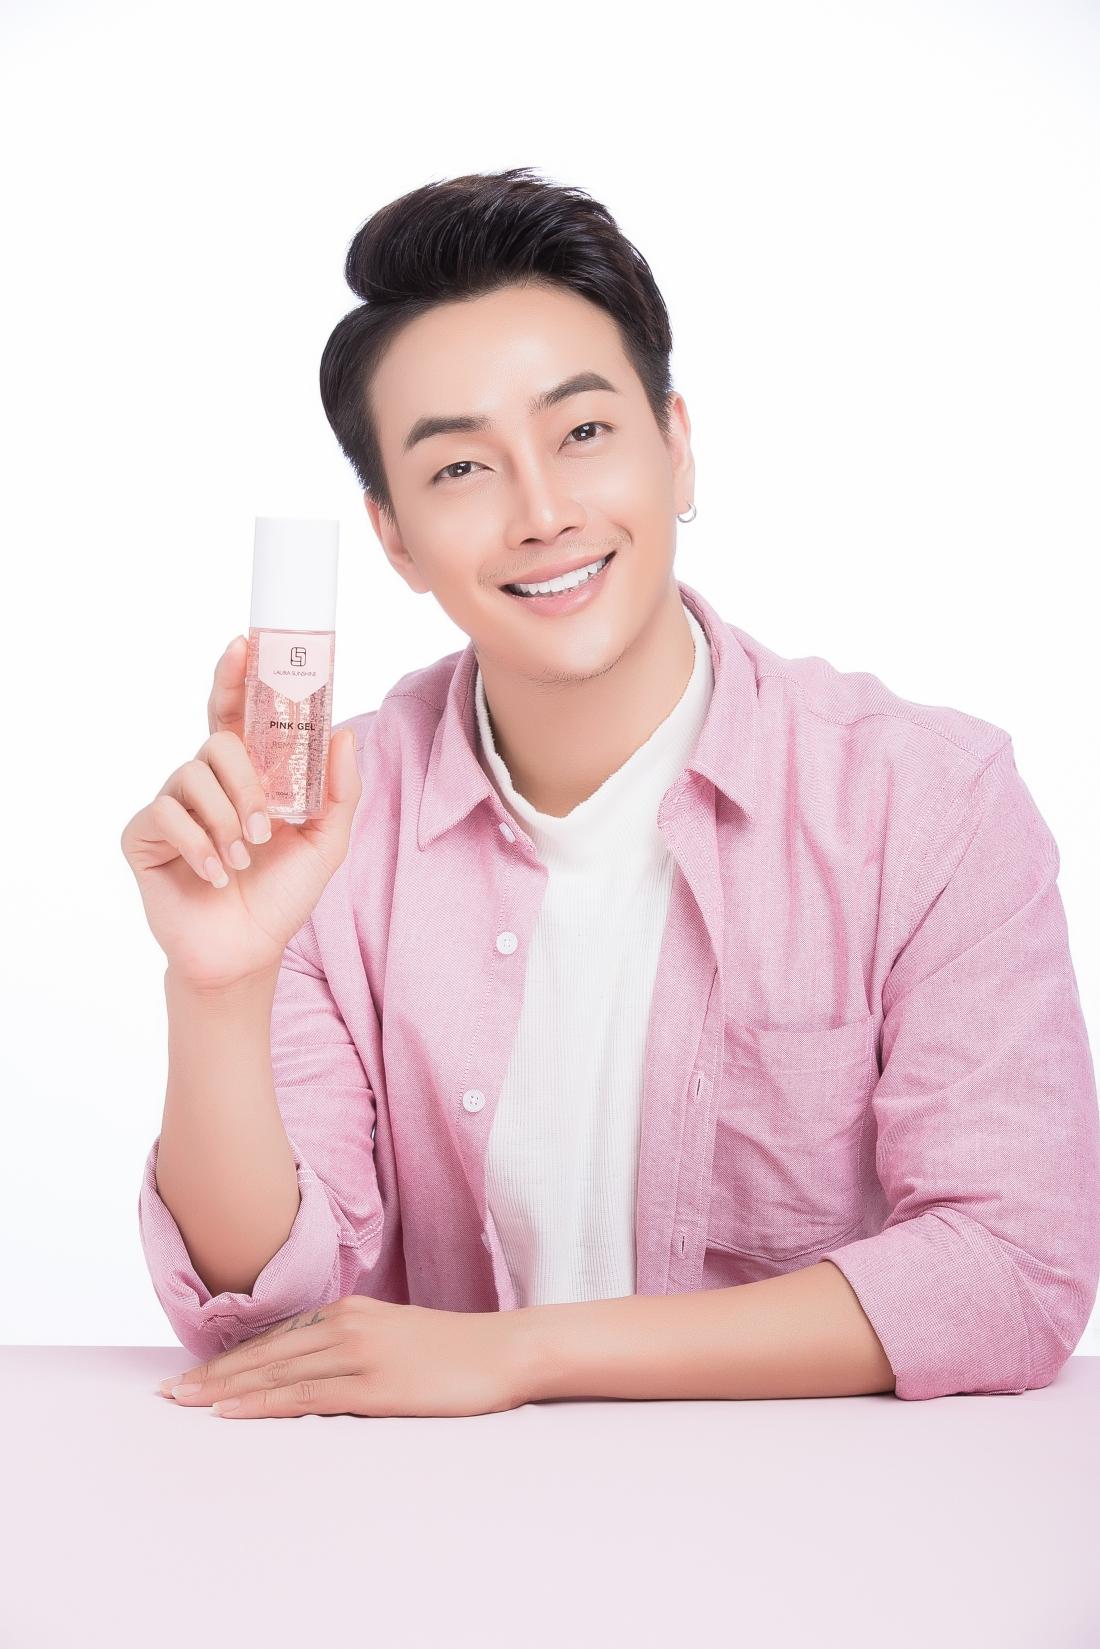 Học hỏi Nhật Kim Anh chăm sóc da với bộ tẩy trang toàn diện và xịt tinh chất hoa hồng - Ảnh 2.